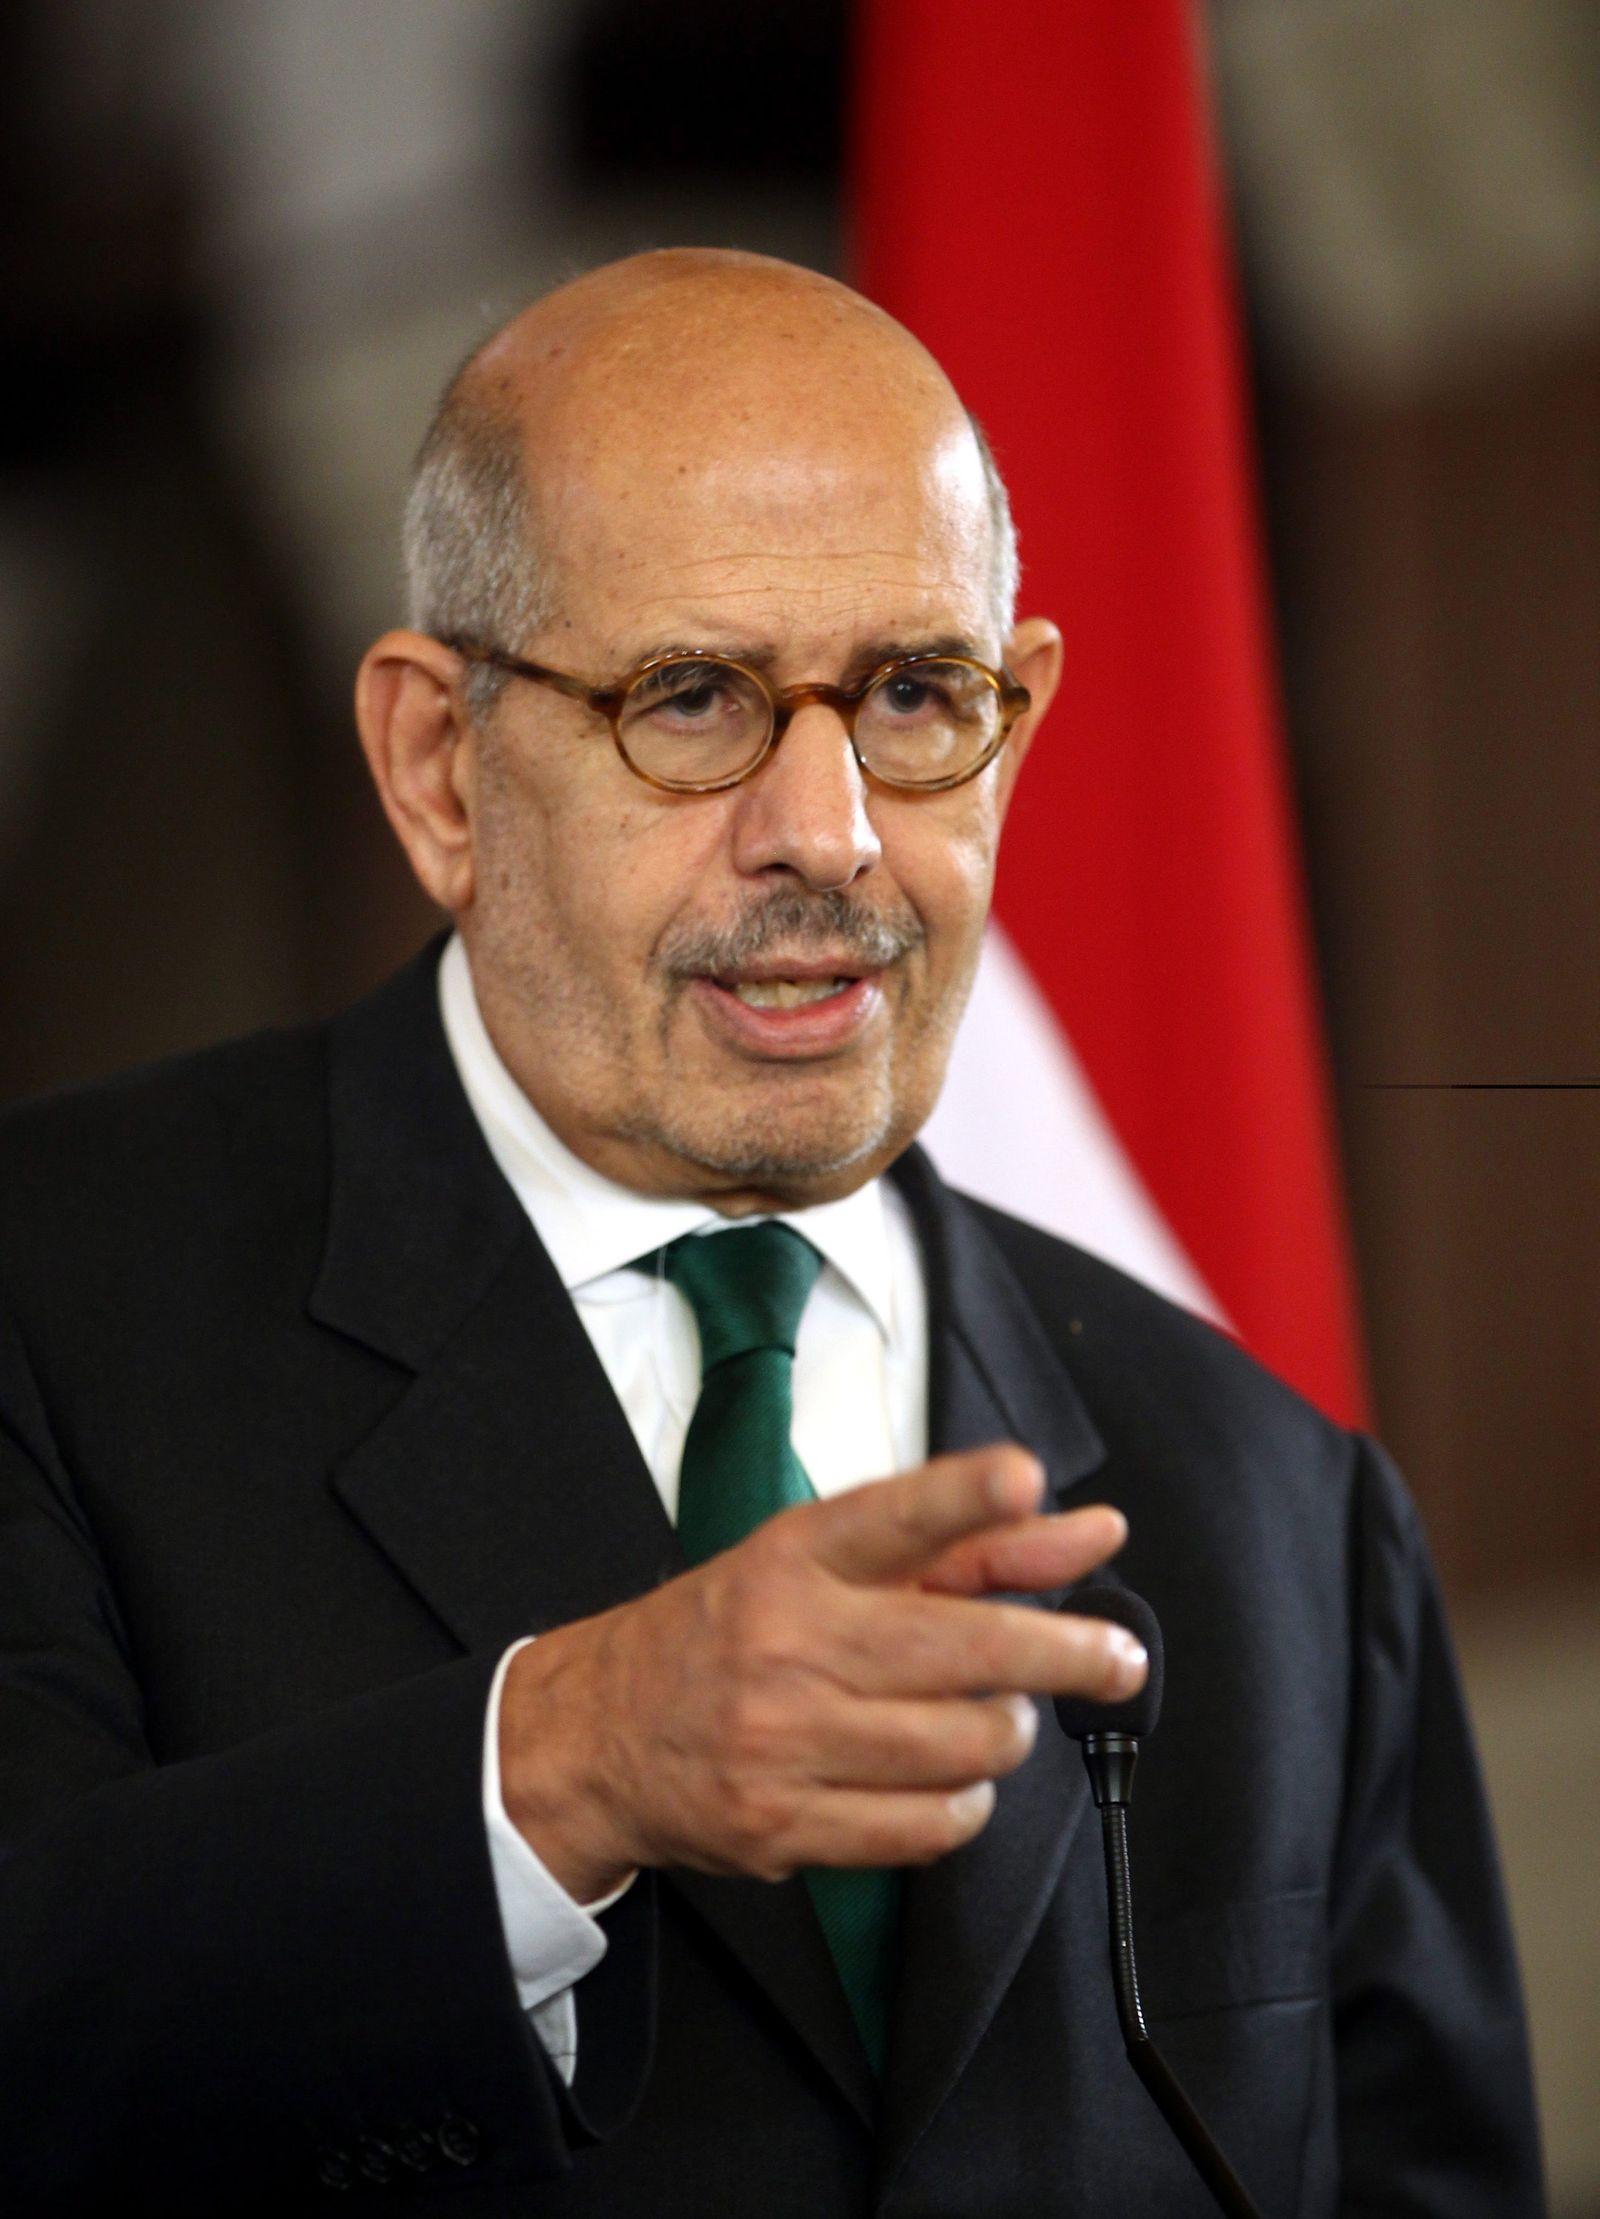 Mohammed al-Baradei